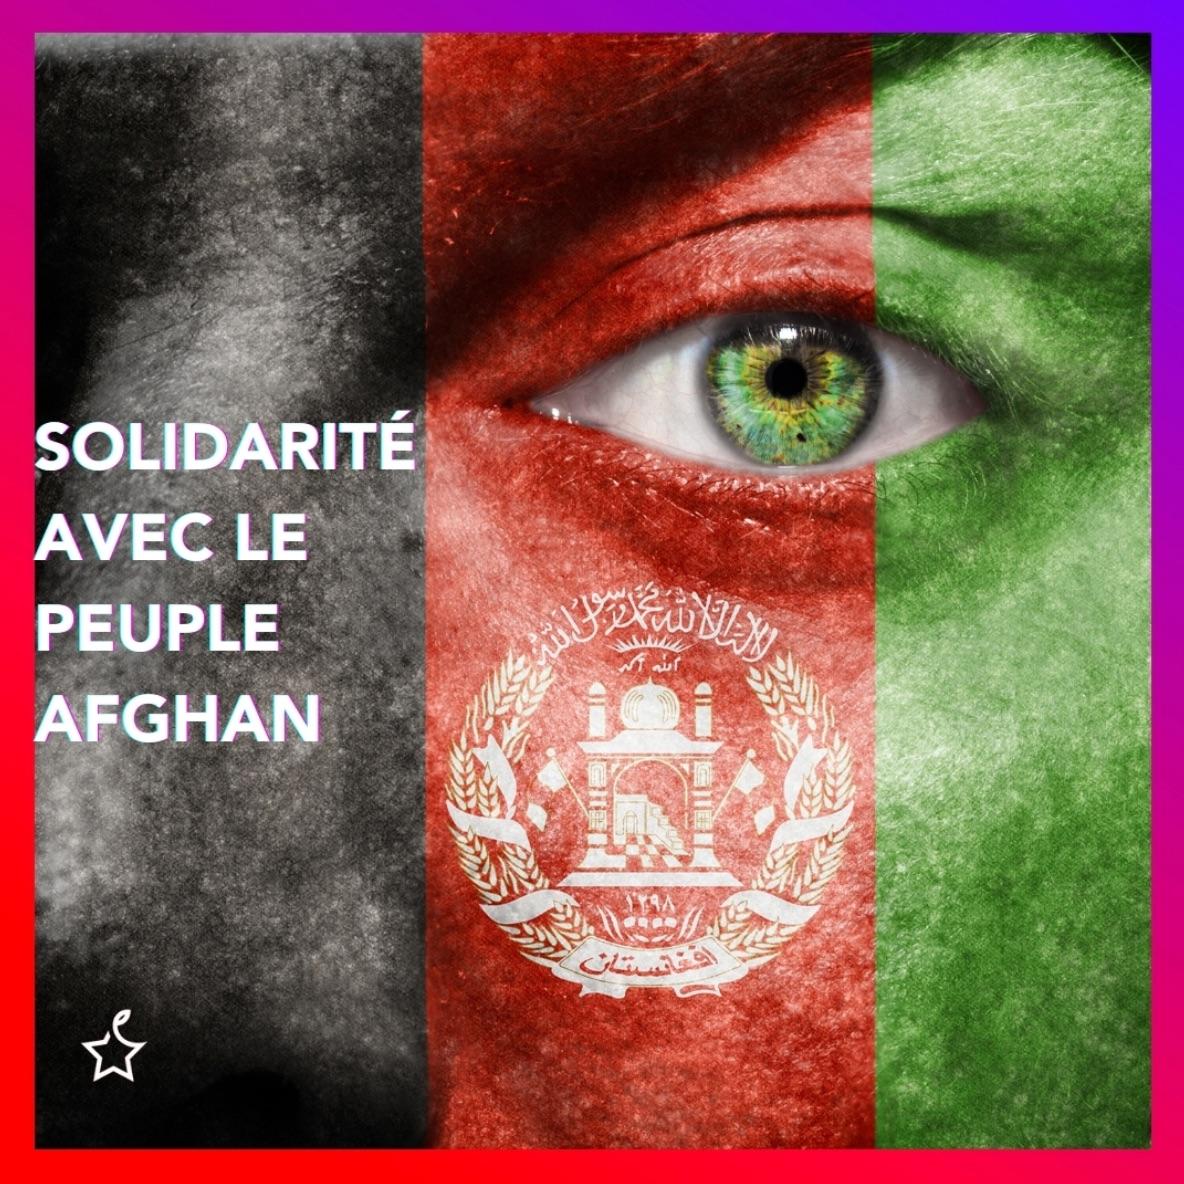 visuel_afghanistan-solidarite.jpg